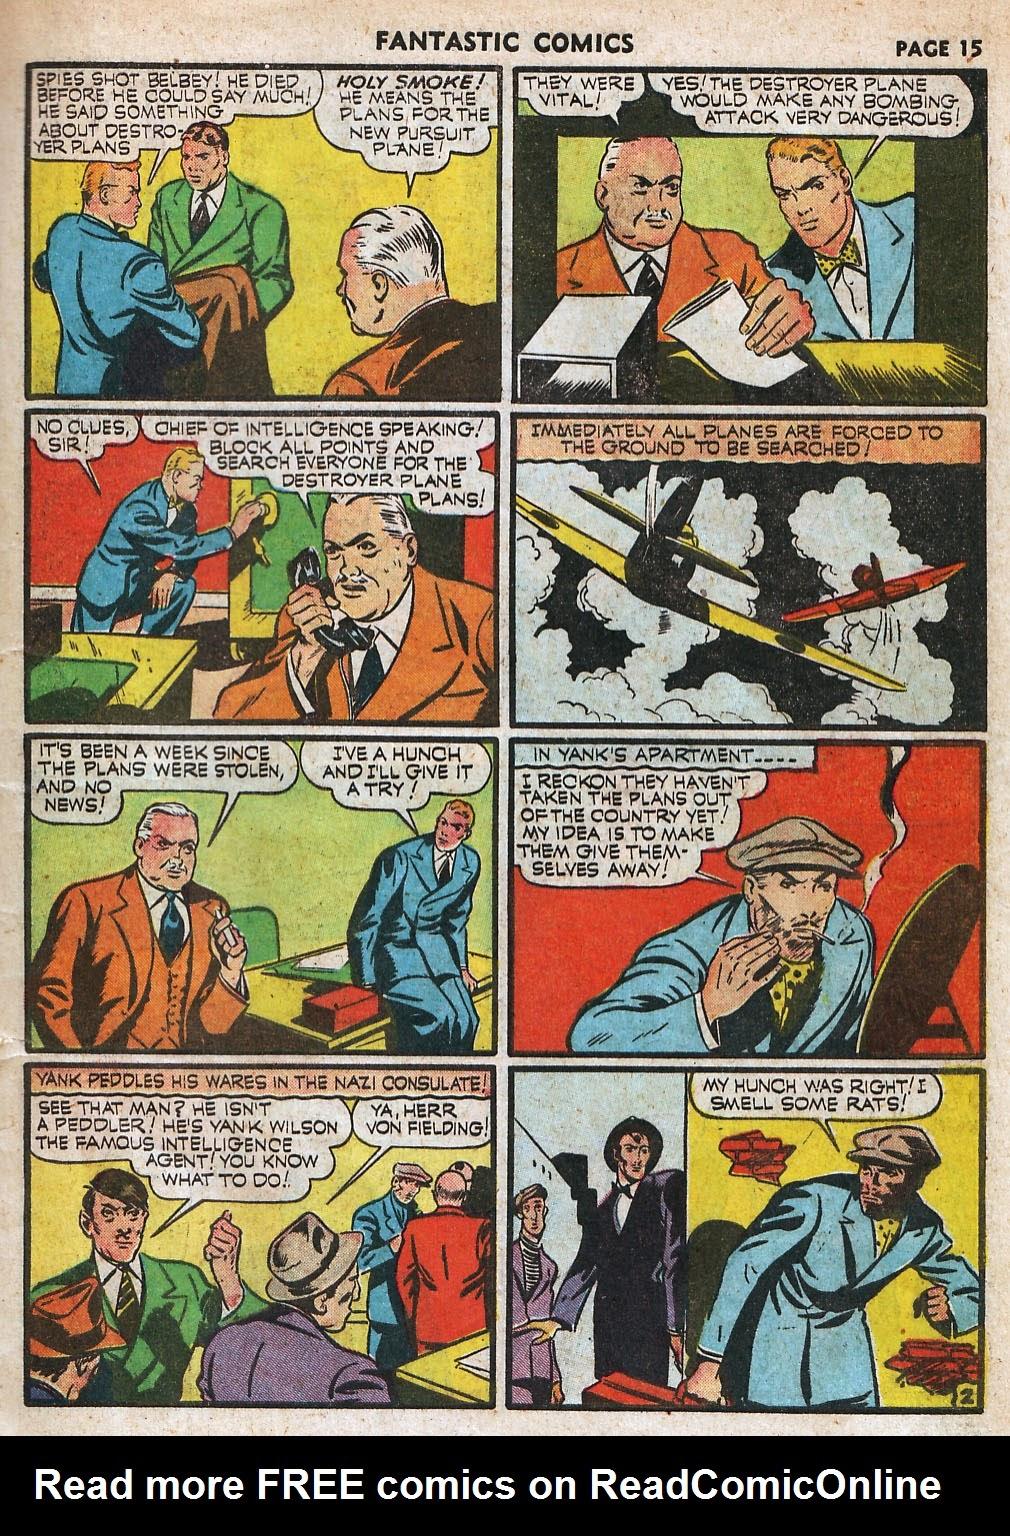 Read online Fantastic Comics comic -  Issue #18 - 17